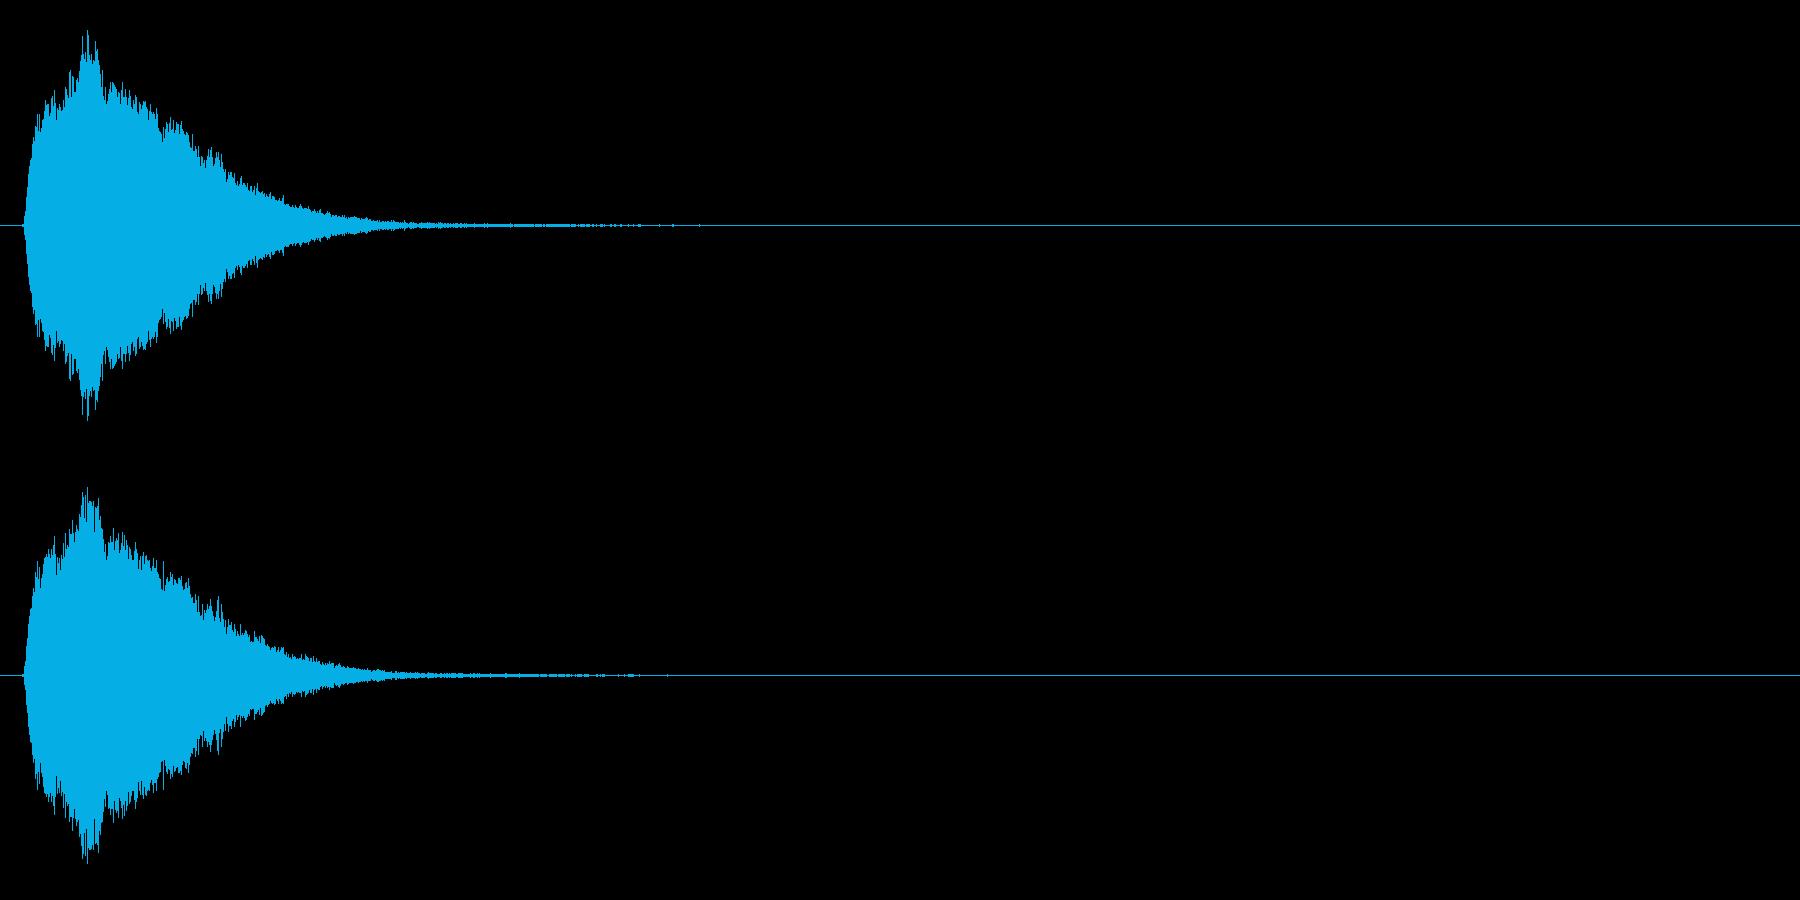 場面転換の効果音(シンセ、ポップ)の再生済みの波形